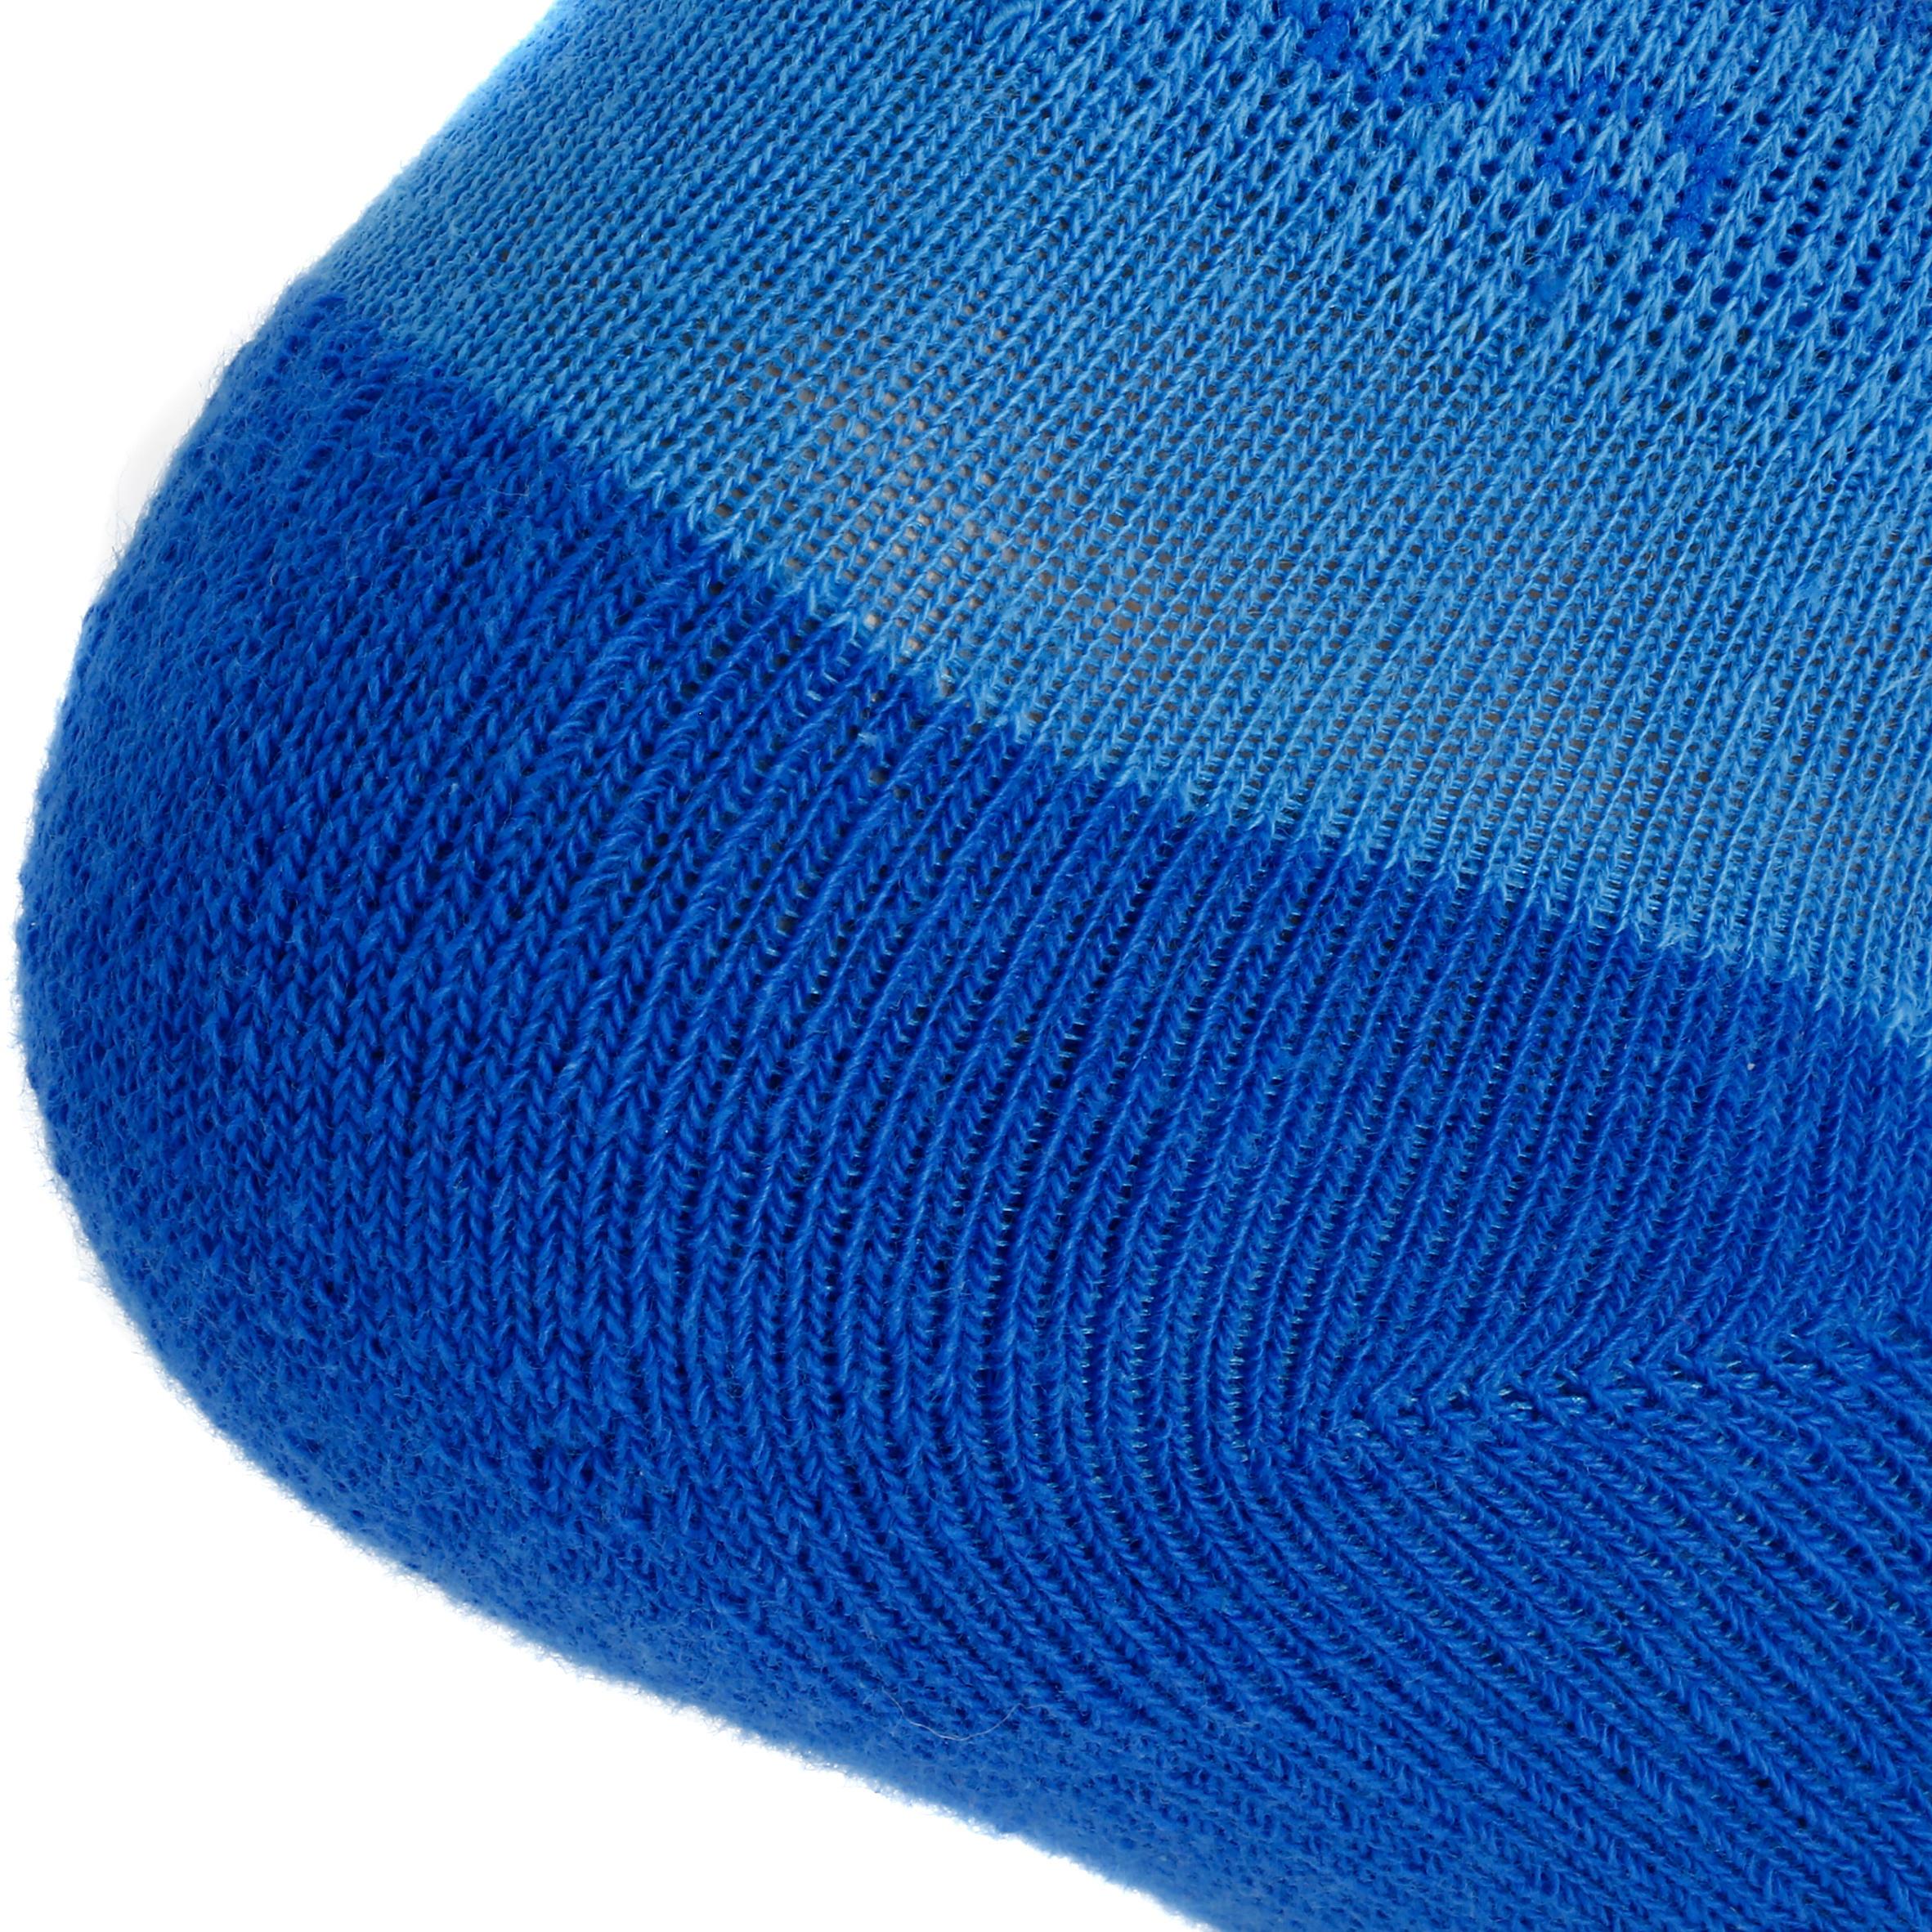 MH100 Mid Upper Children's Hiking Socks - Blue/Grey set of 2.